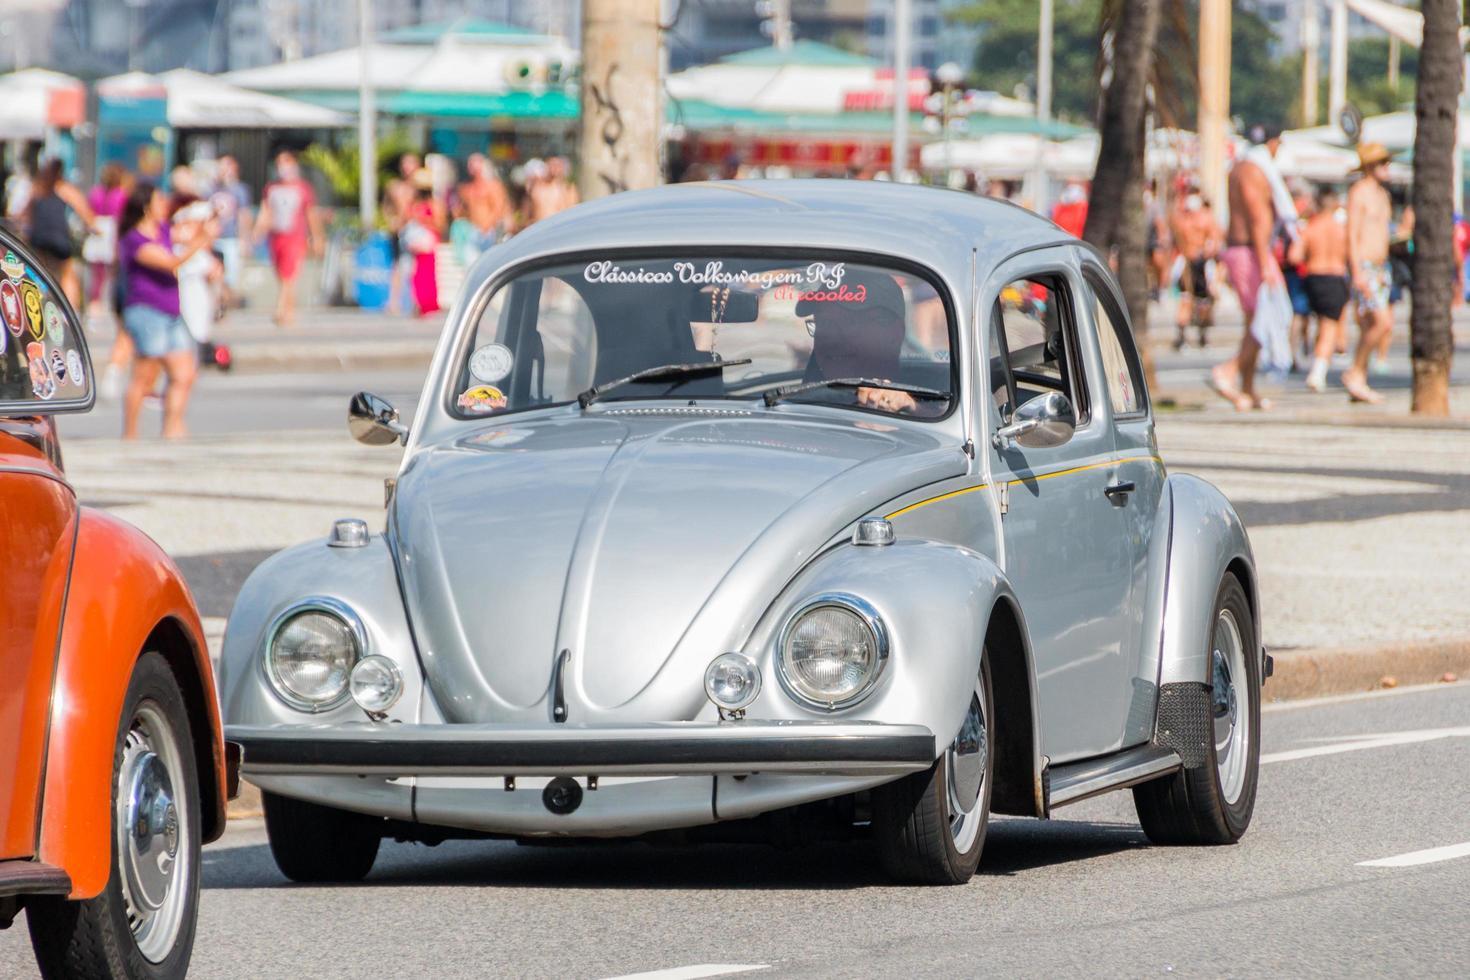 rio de janeiro, brasilien, 2015 - käferauto am strand der copacabana foto